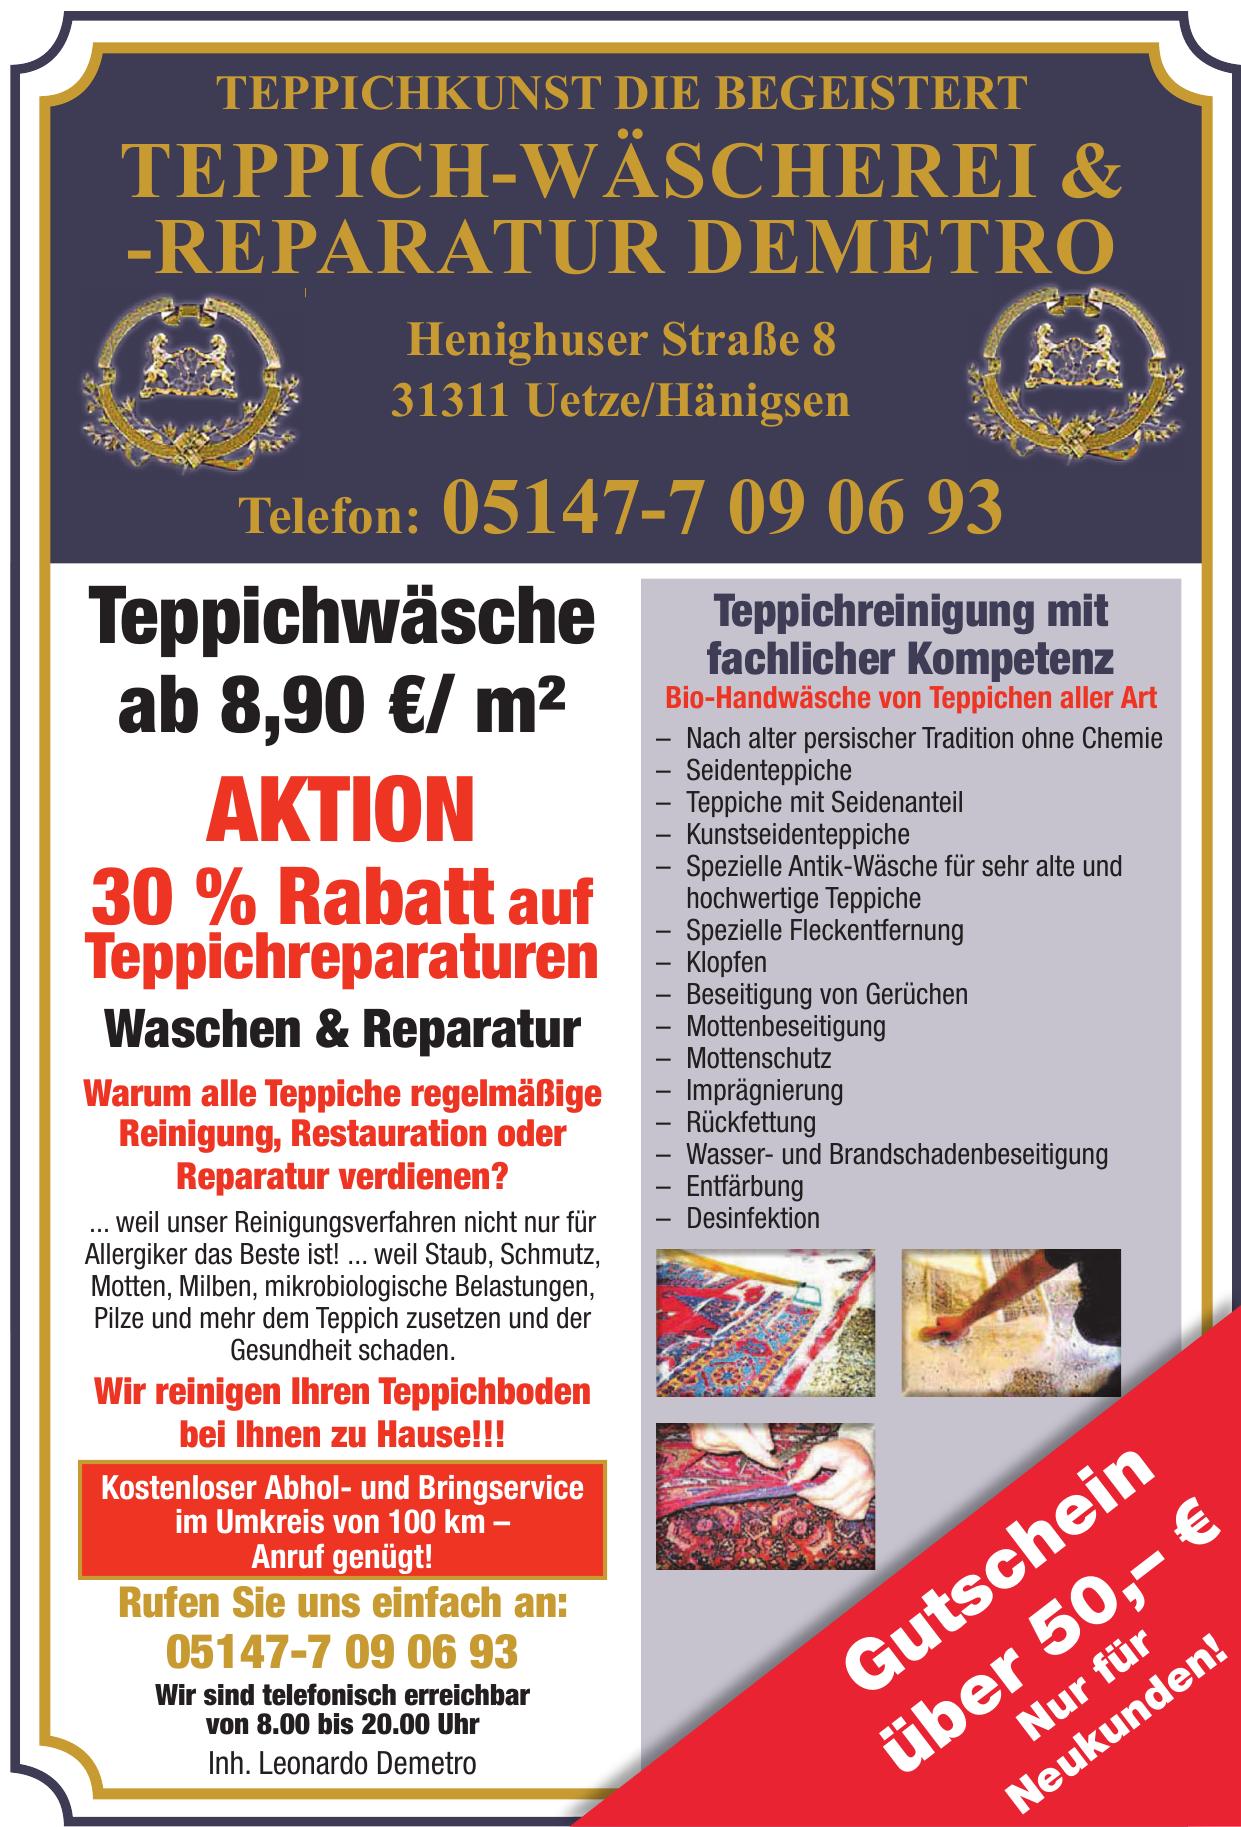 Teppich-Wäscherei & -Reparatur Demetro